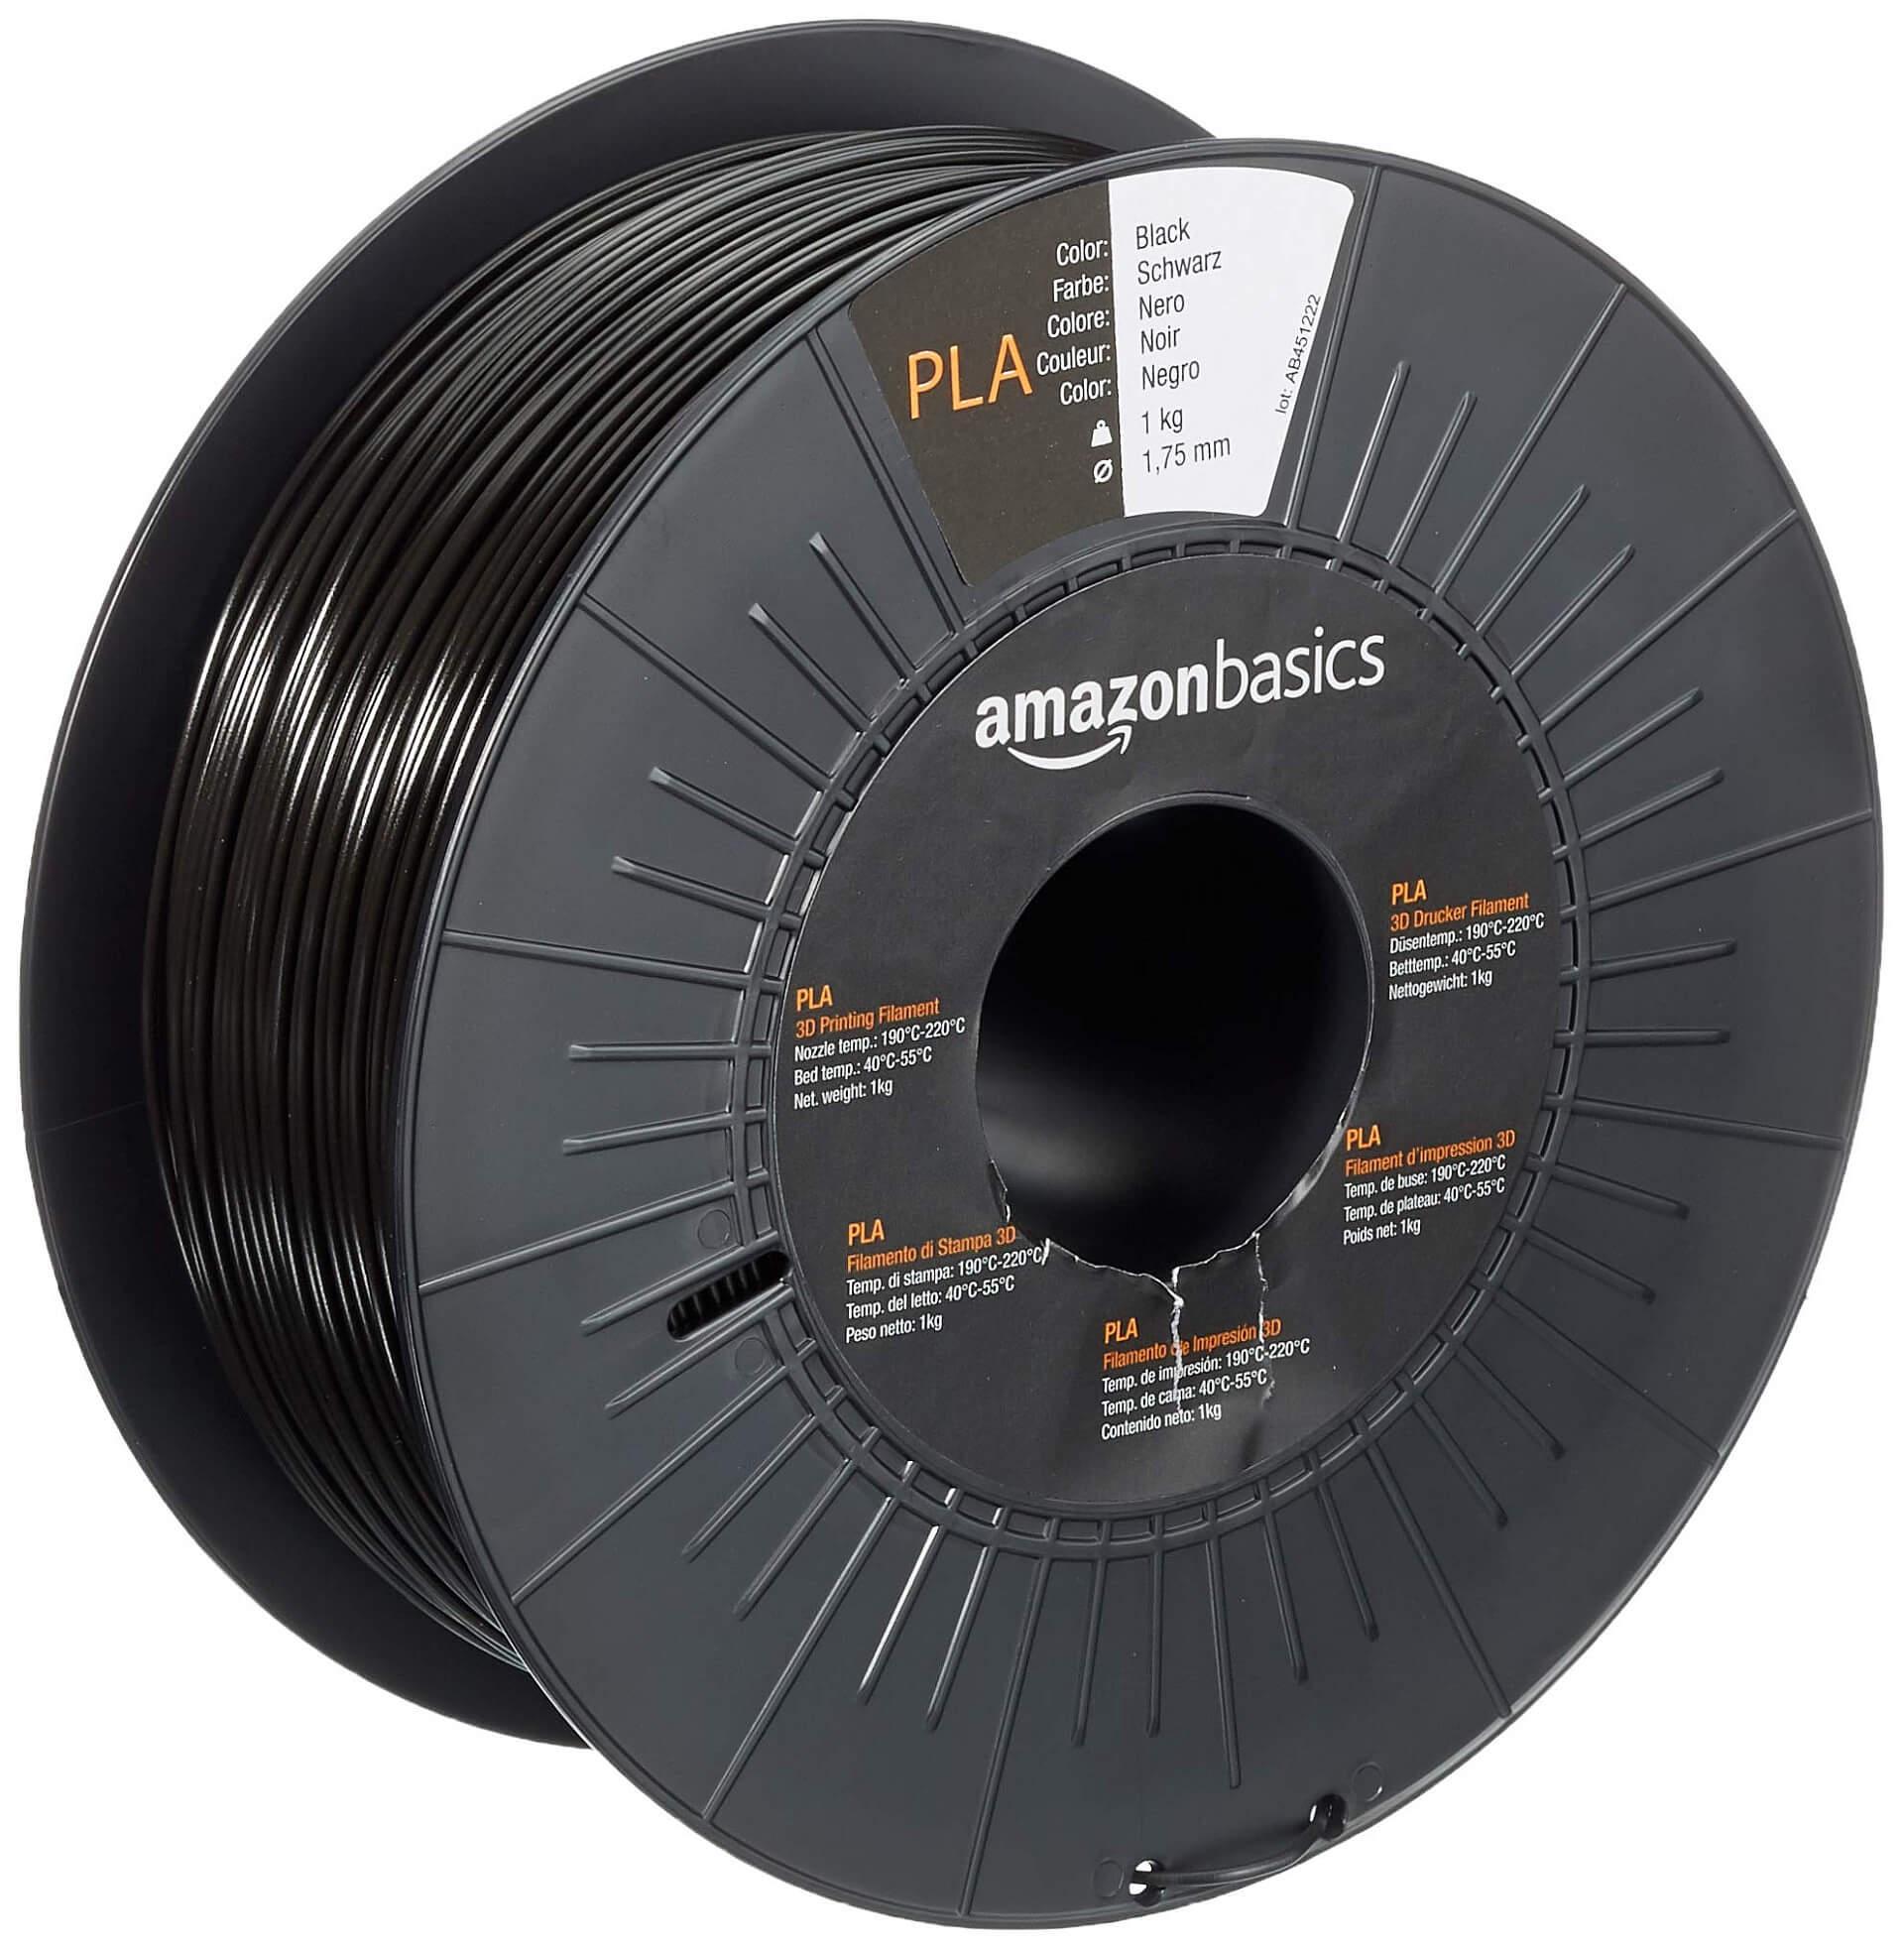 Amazon Basics PLA Filament 20,20 mm schwarz kaufen – 20D grenzenlos Shop